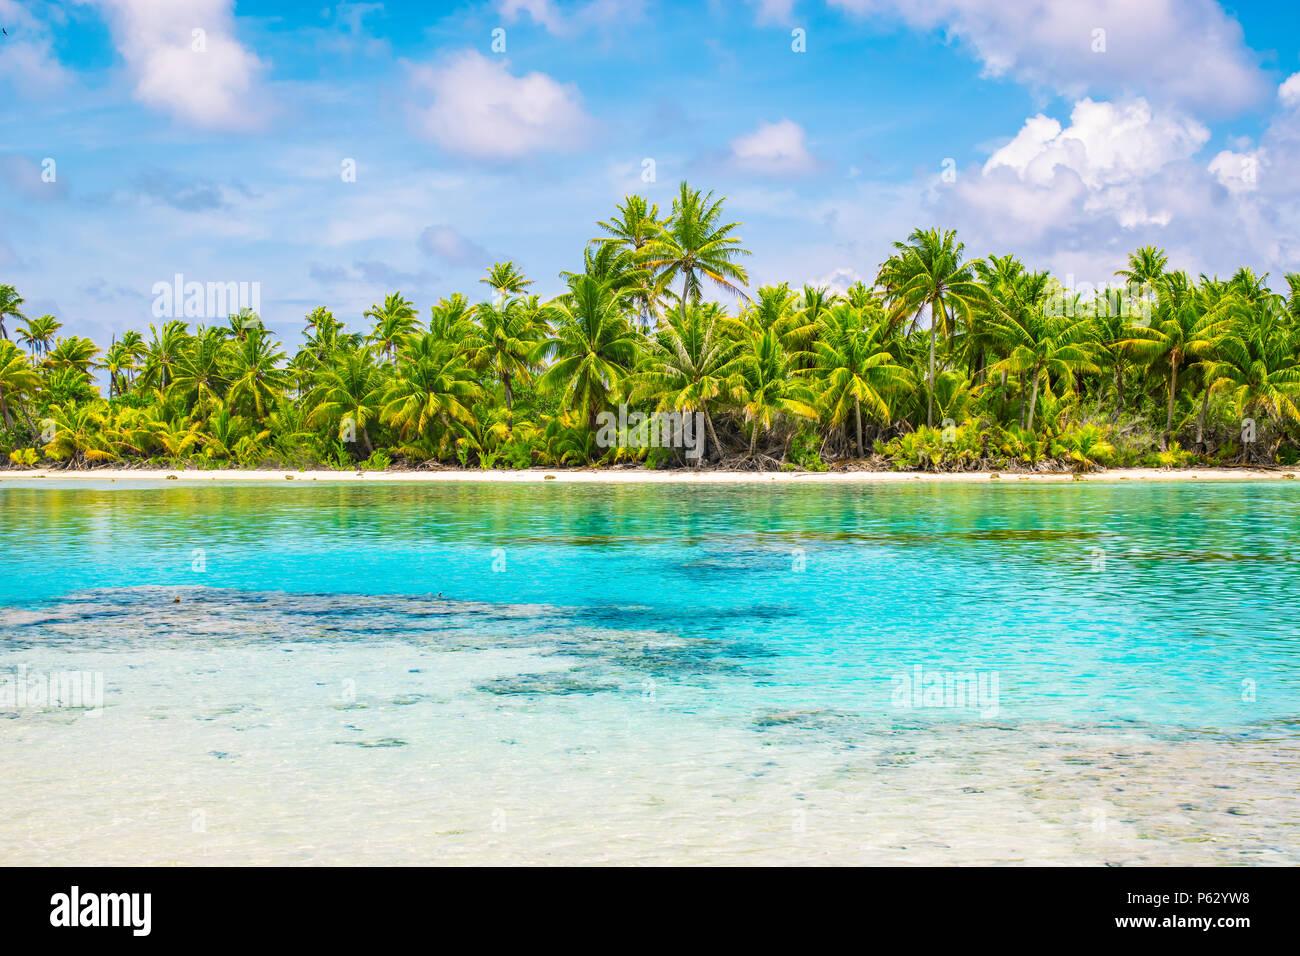 Alberi di palma tropicali e la laguna di Fakarava, Polinesia francese. La vacanza estiva concetto. Foto Stock